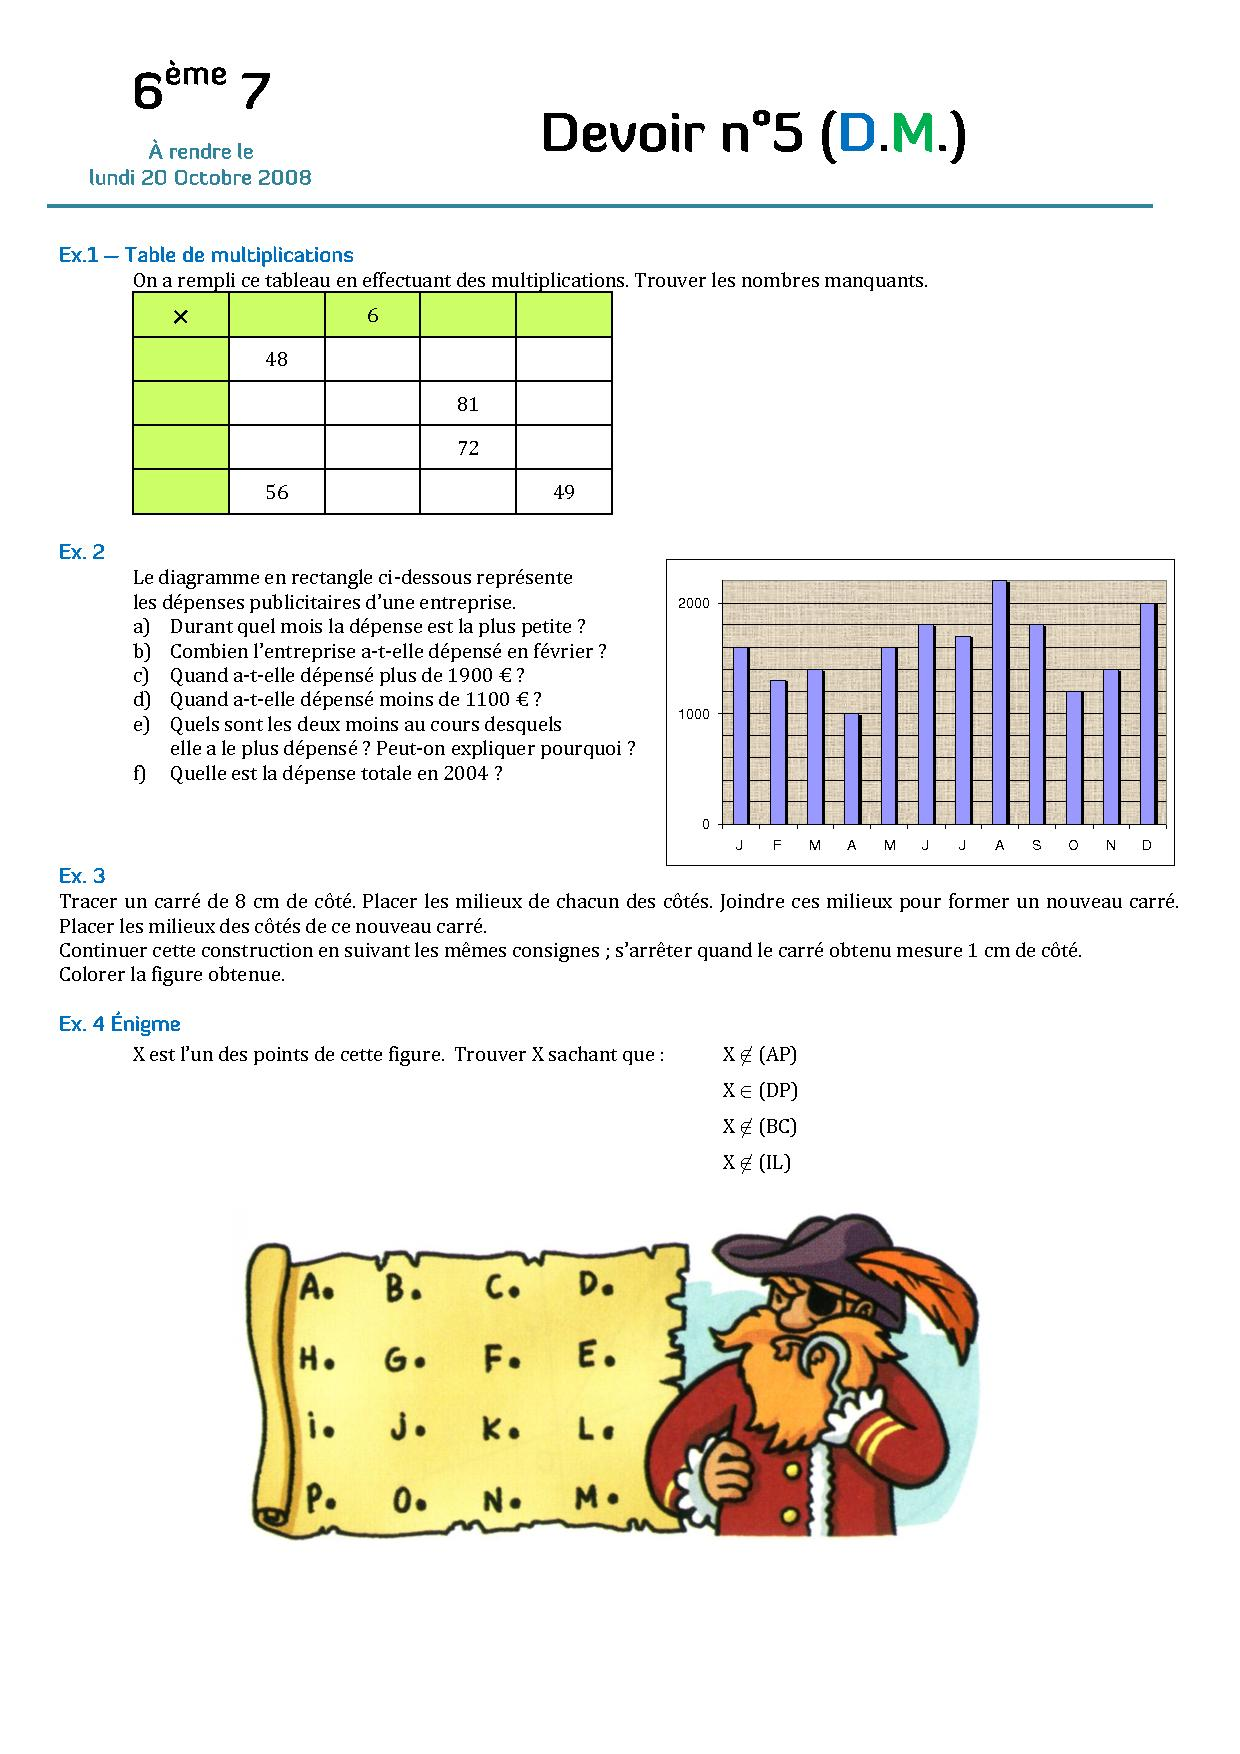 DM de maths noté pour lundi. Niveau 6eme. Merci ...